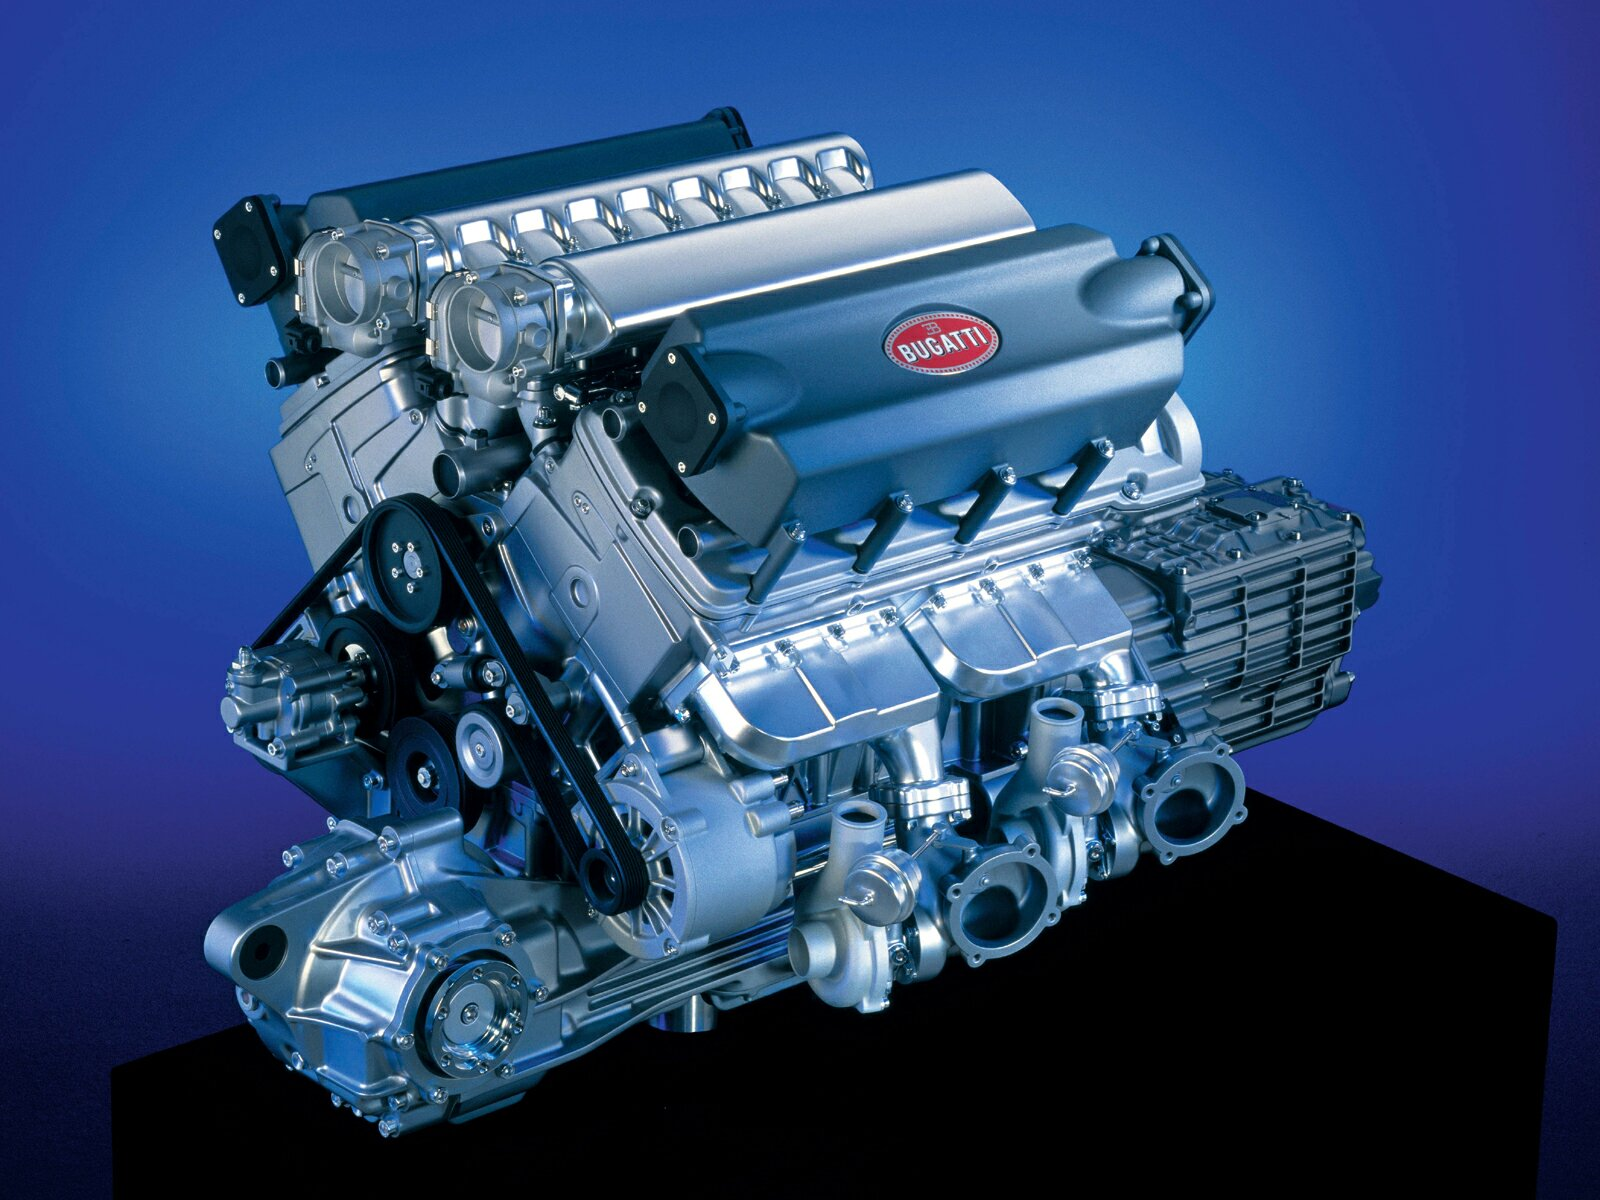 Πως συναρμολογείται η μηχανή της Bugatti Veyron;